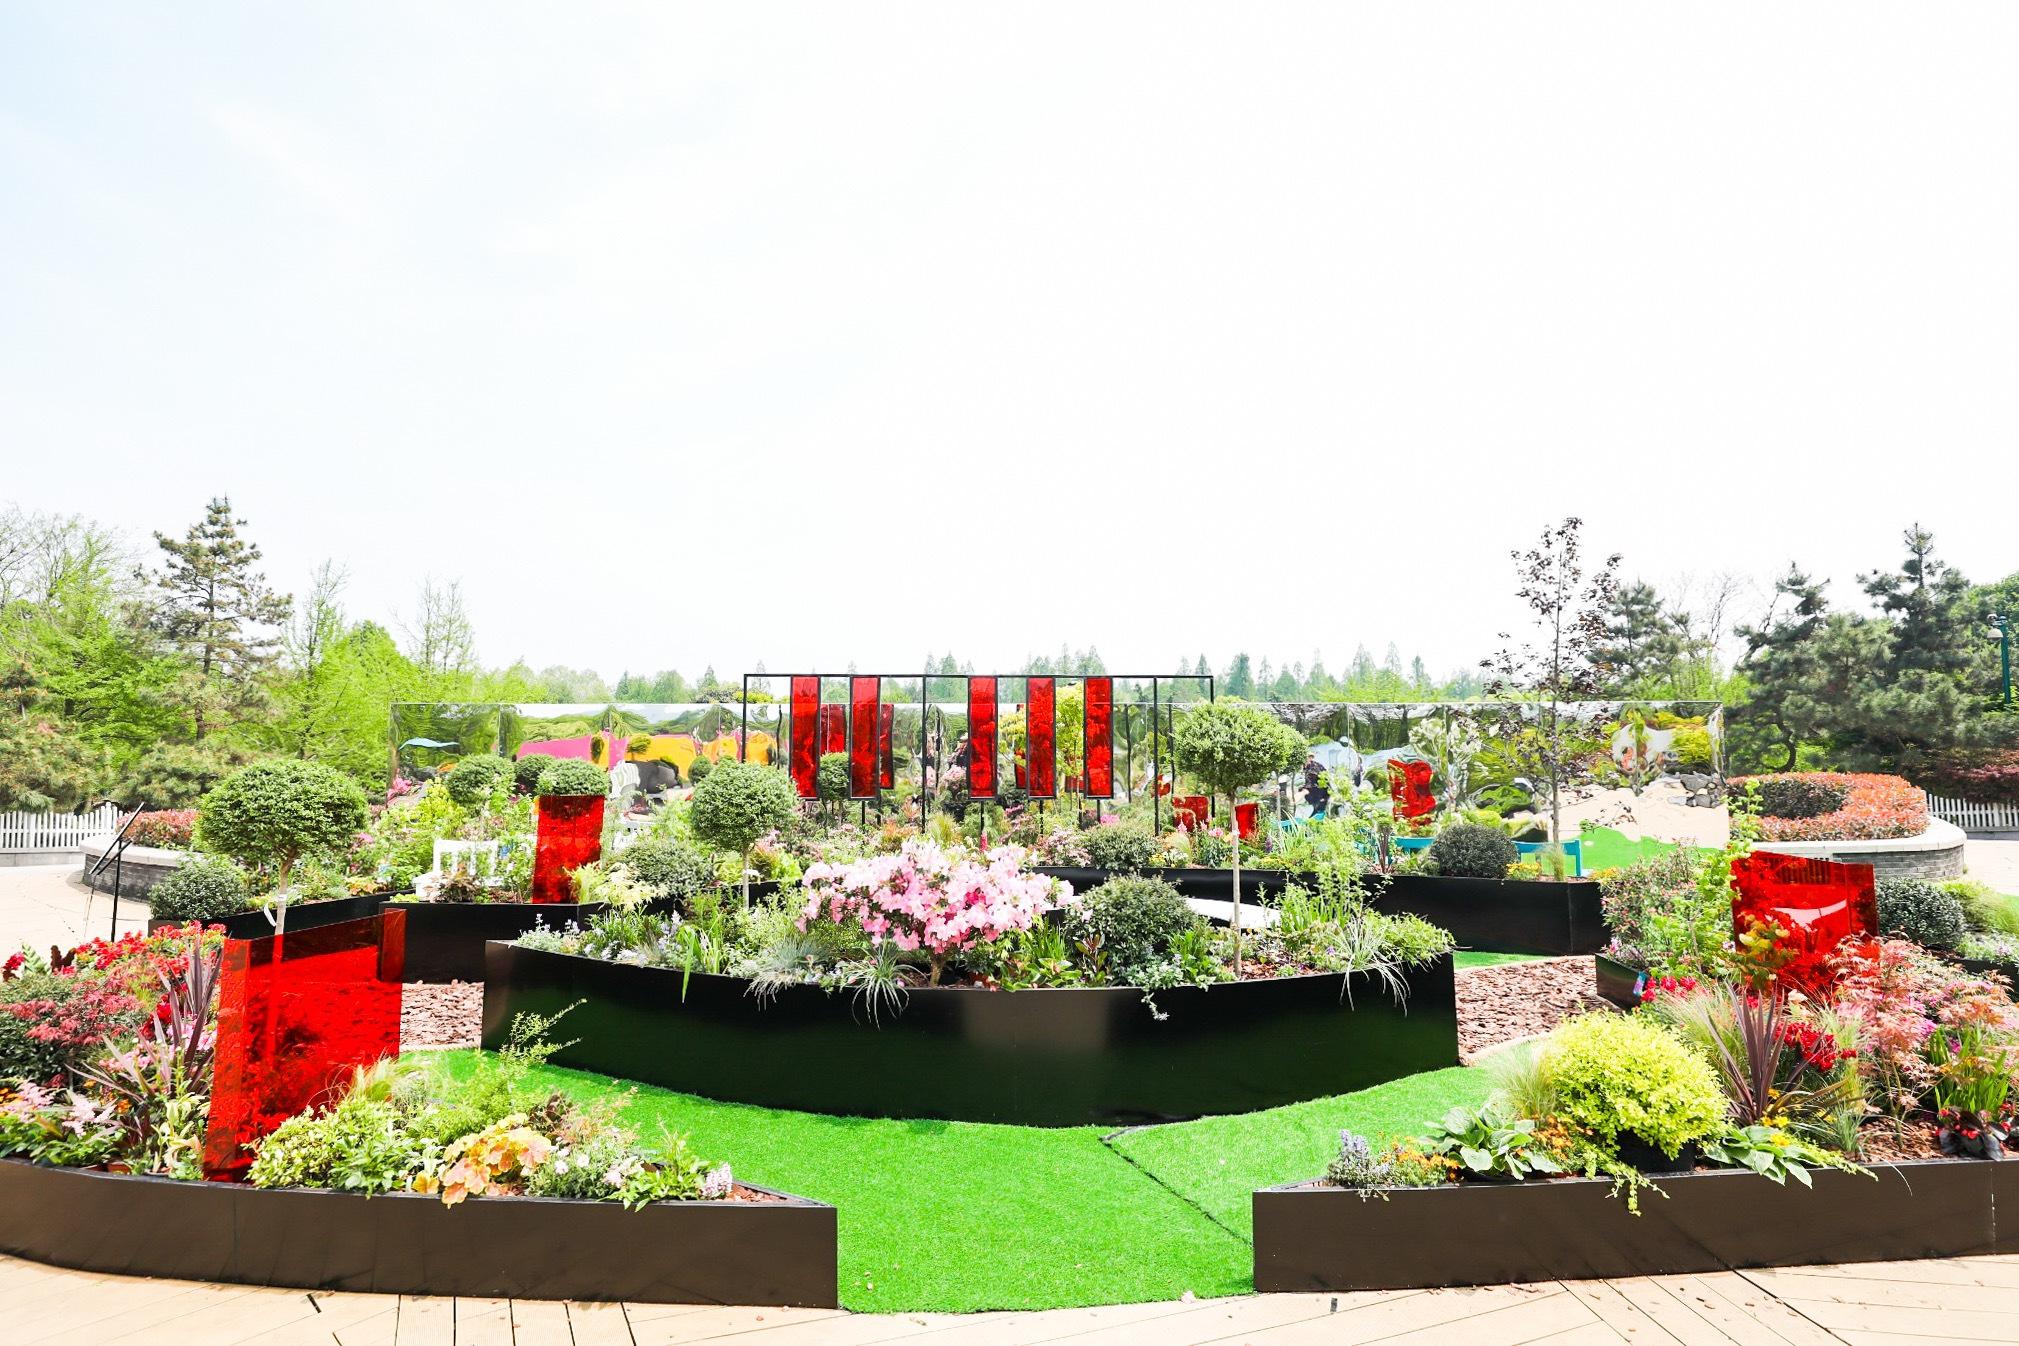 暖心,淘宝为自闭症患者和听障群体在西湖边建了两座爱心花园